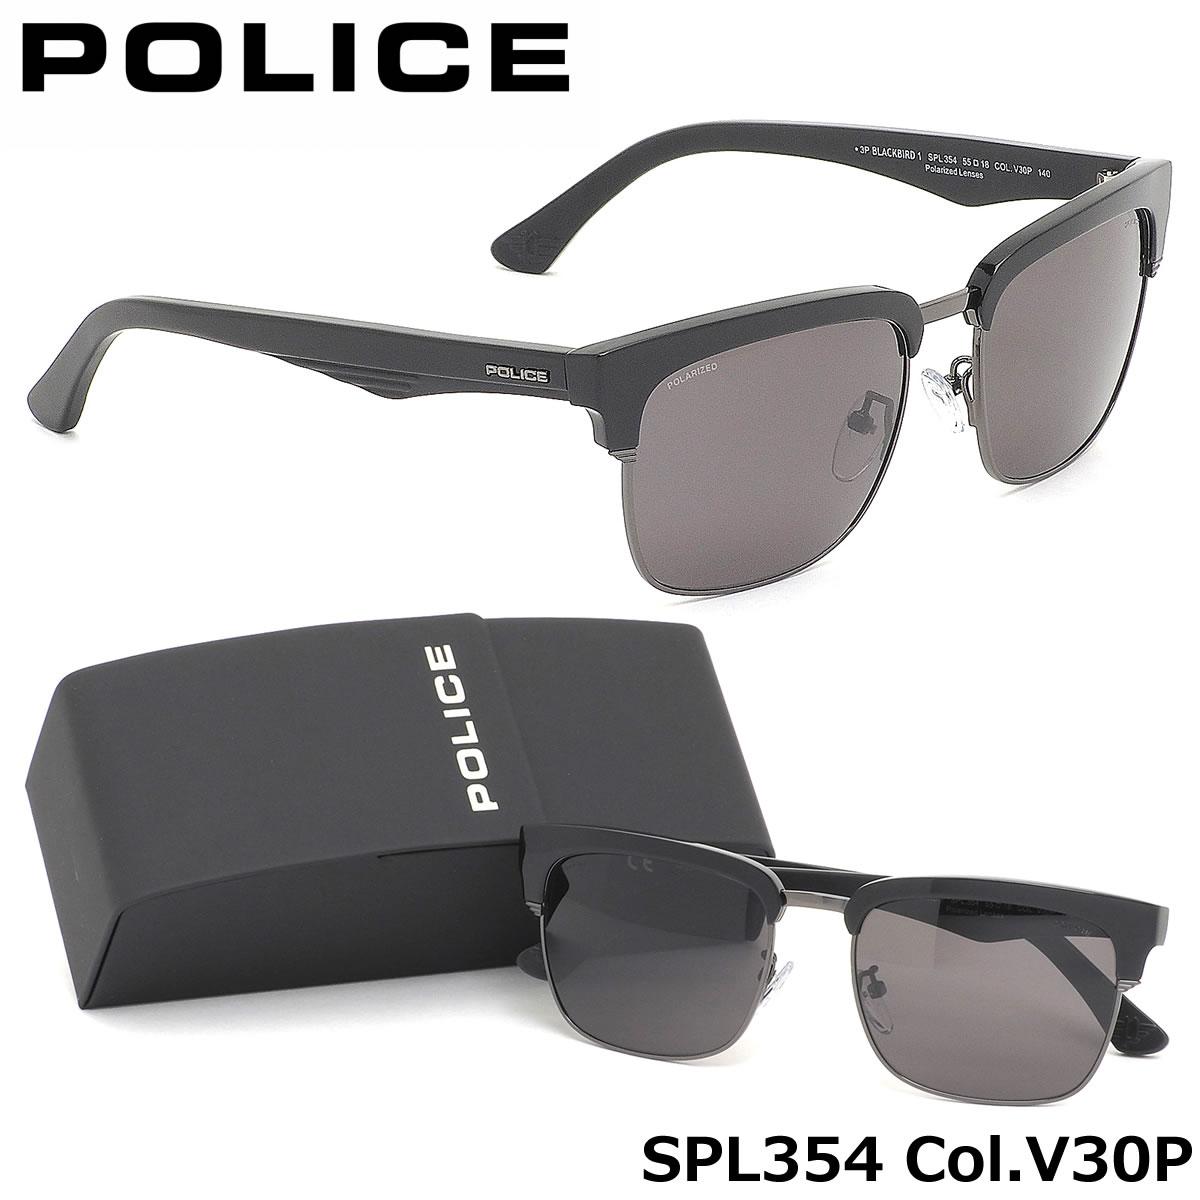 ポイント最大42倍!!お得なクーポンも !! 【ポリス】 (POLICE) サングラスSPL354 V30P 55サイズBLACKBIRD1 ブロー スクエア コンビネーション 偏光レンズPOLICE メンズ レディース